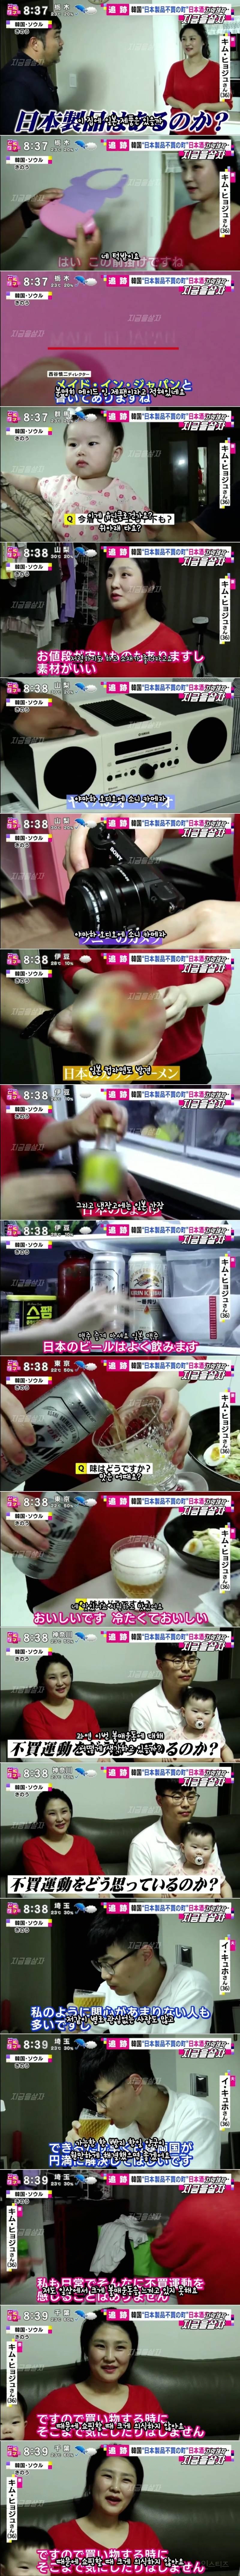 불매운동으로 한국 가정집 방문한 일본 방송.jpg | 인스티즈